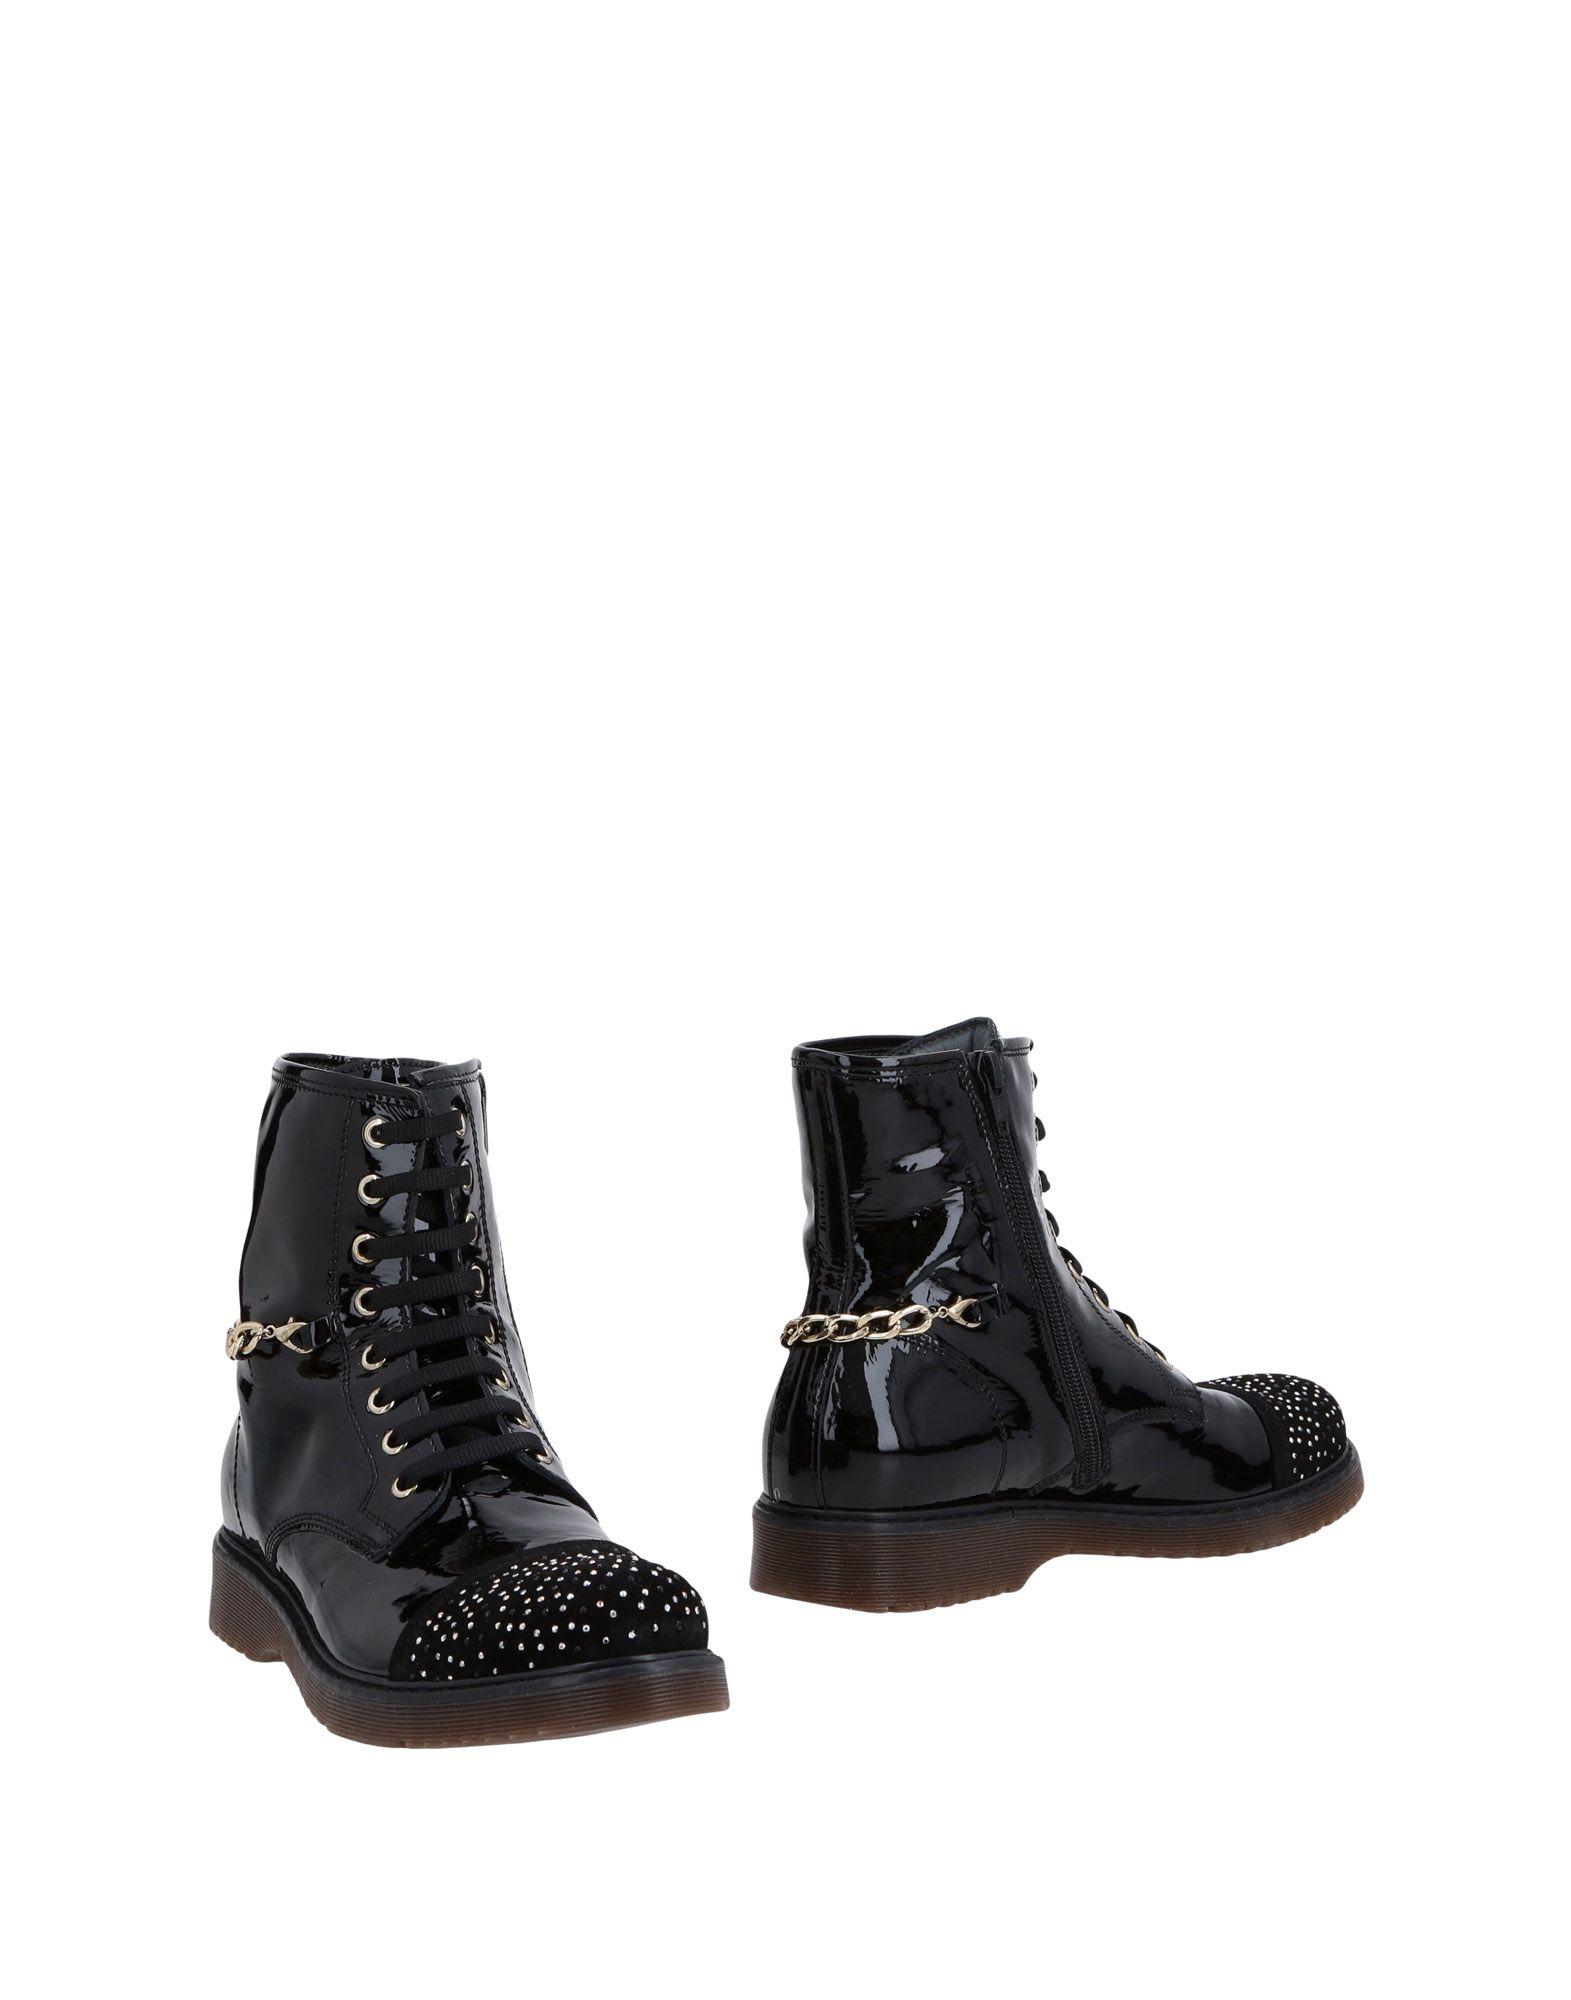 Andrea Morelli Stiefelette Damen  11484983KW beliebte Gute Qualität beliebte 11484983KW Schuhe 397a01